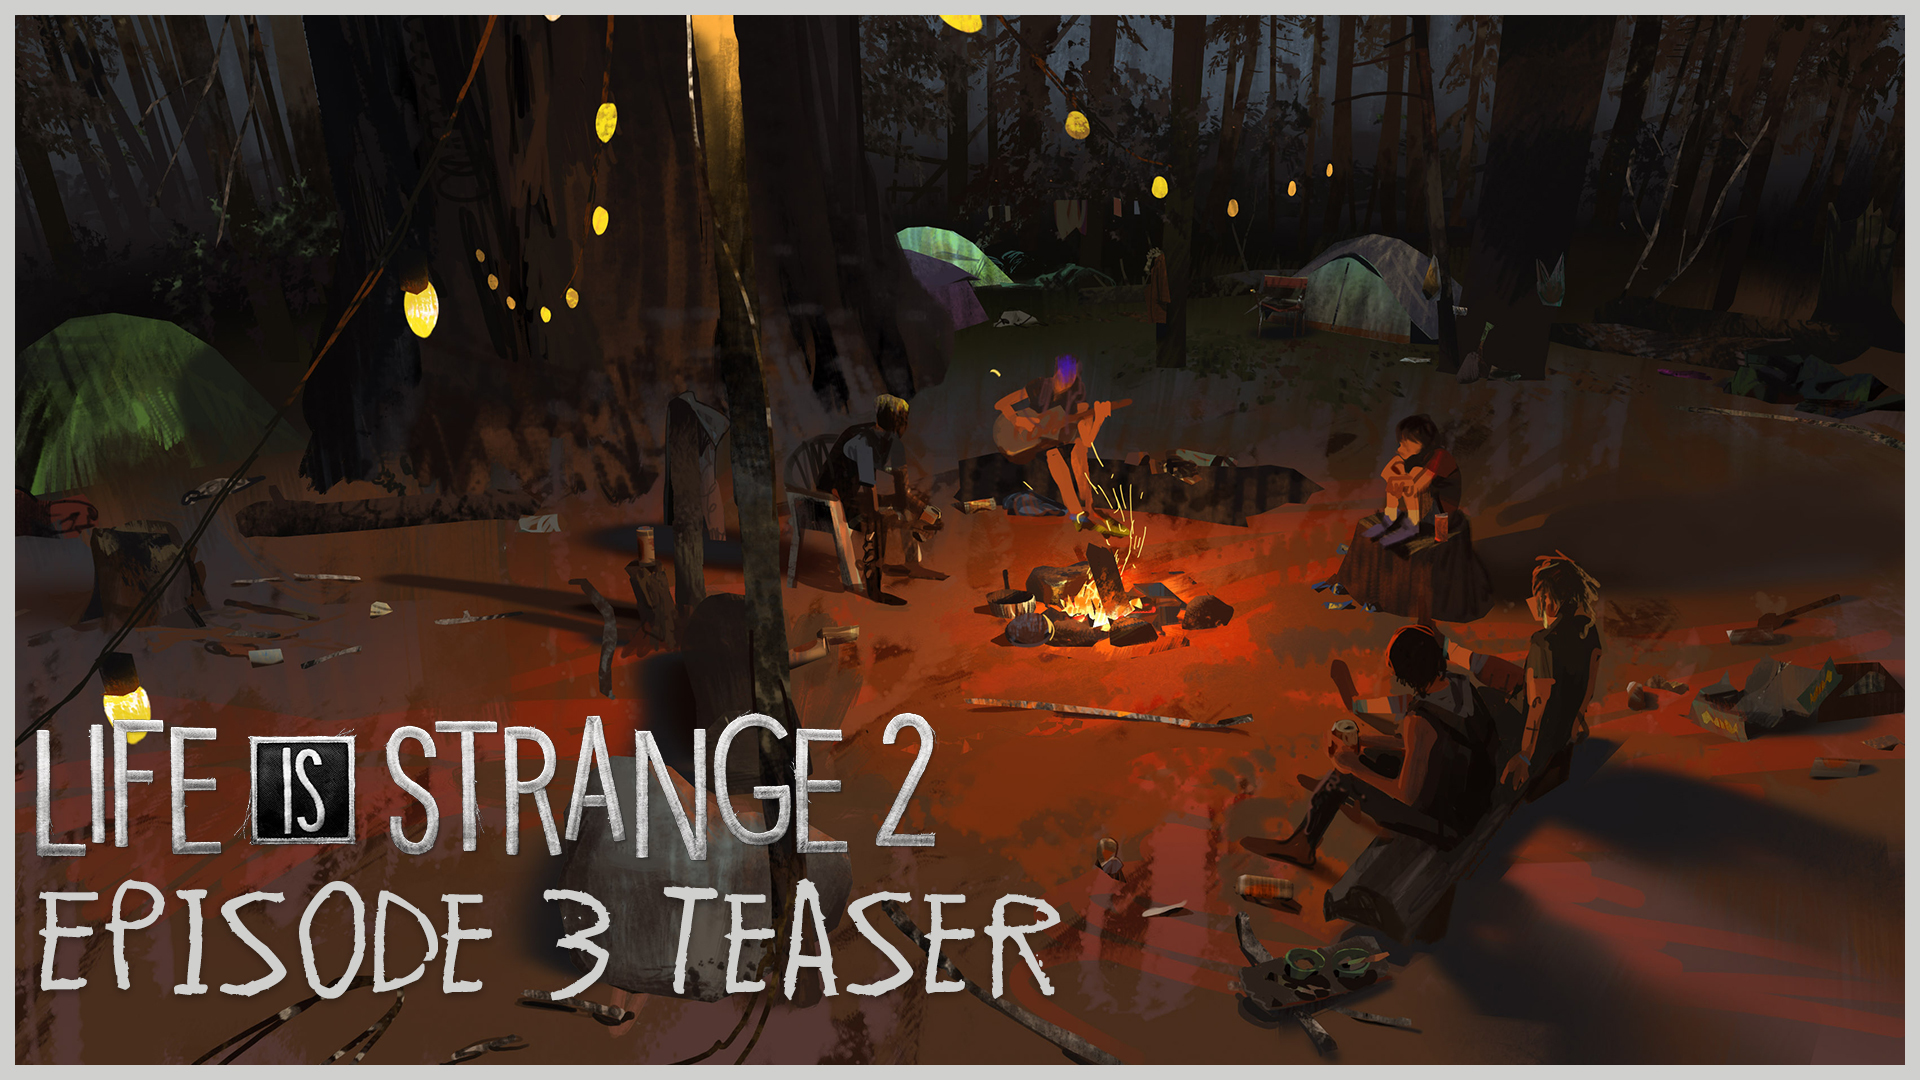 Resultado de imagen de Episodio 3 de Life is Strange 2